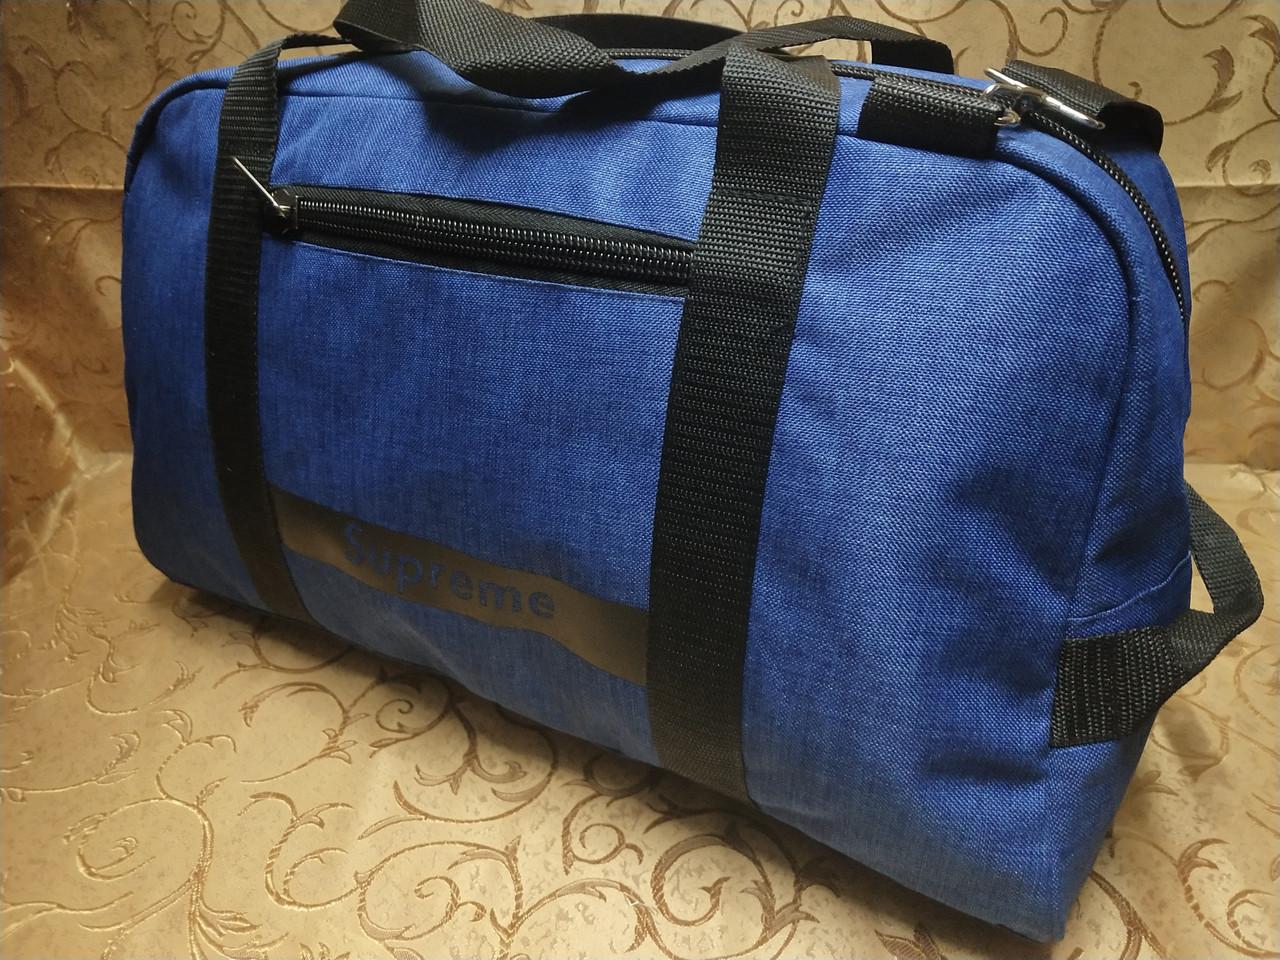 Спортивная сумка Supreme повседневная спортивная сумка мессенджер СПОРТ дорожная сумка только ОПТ